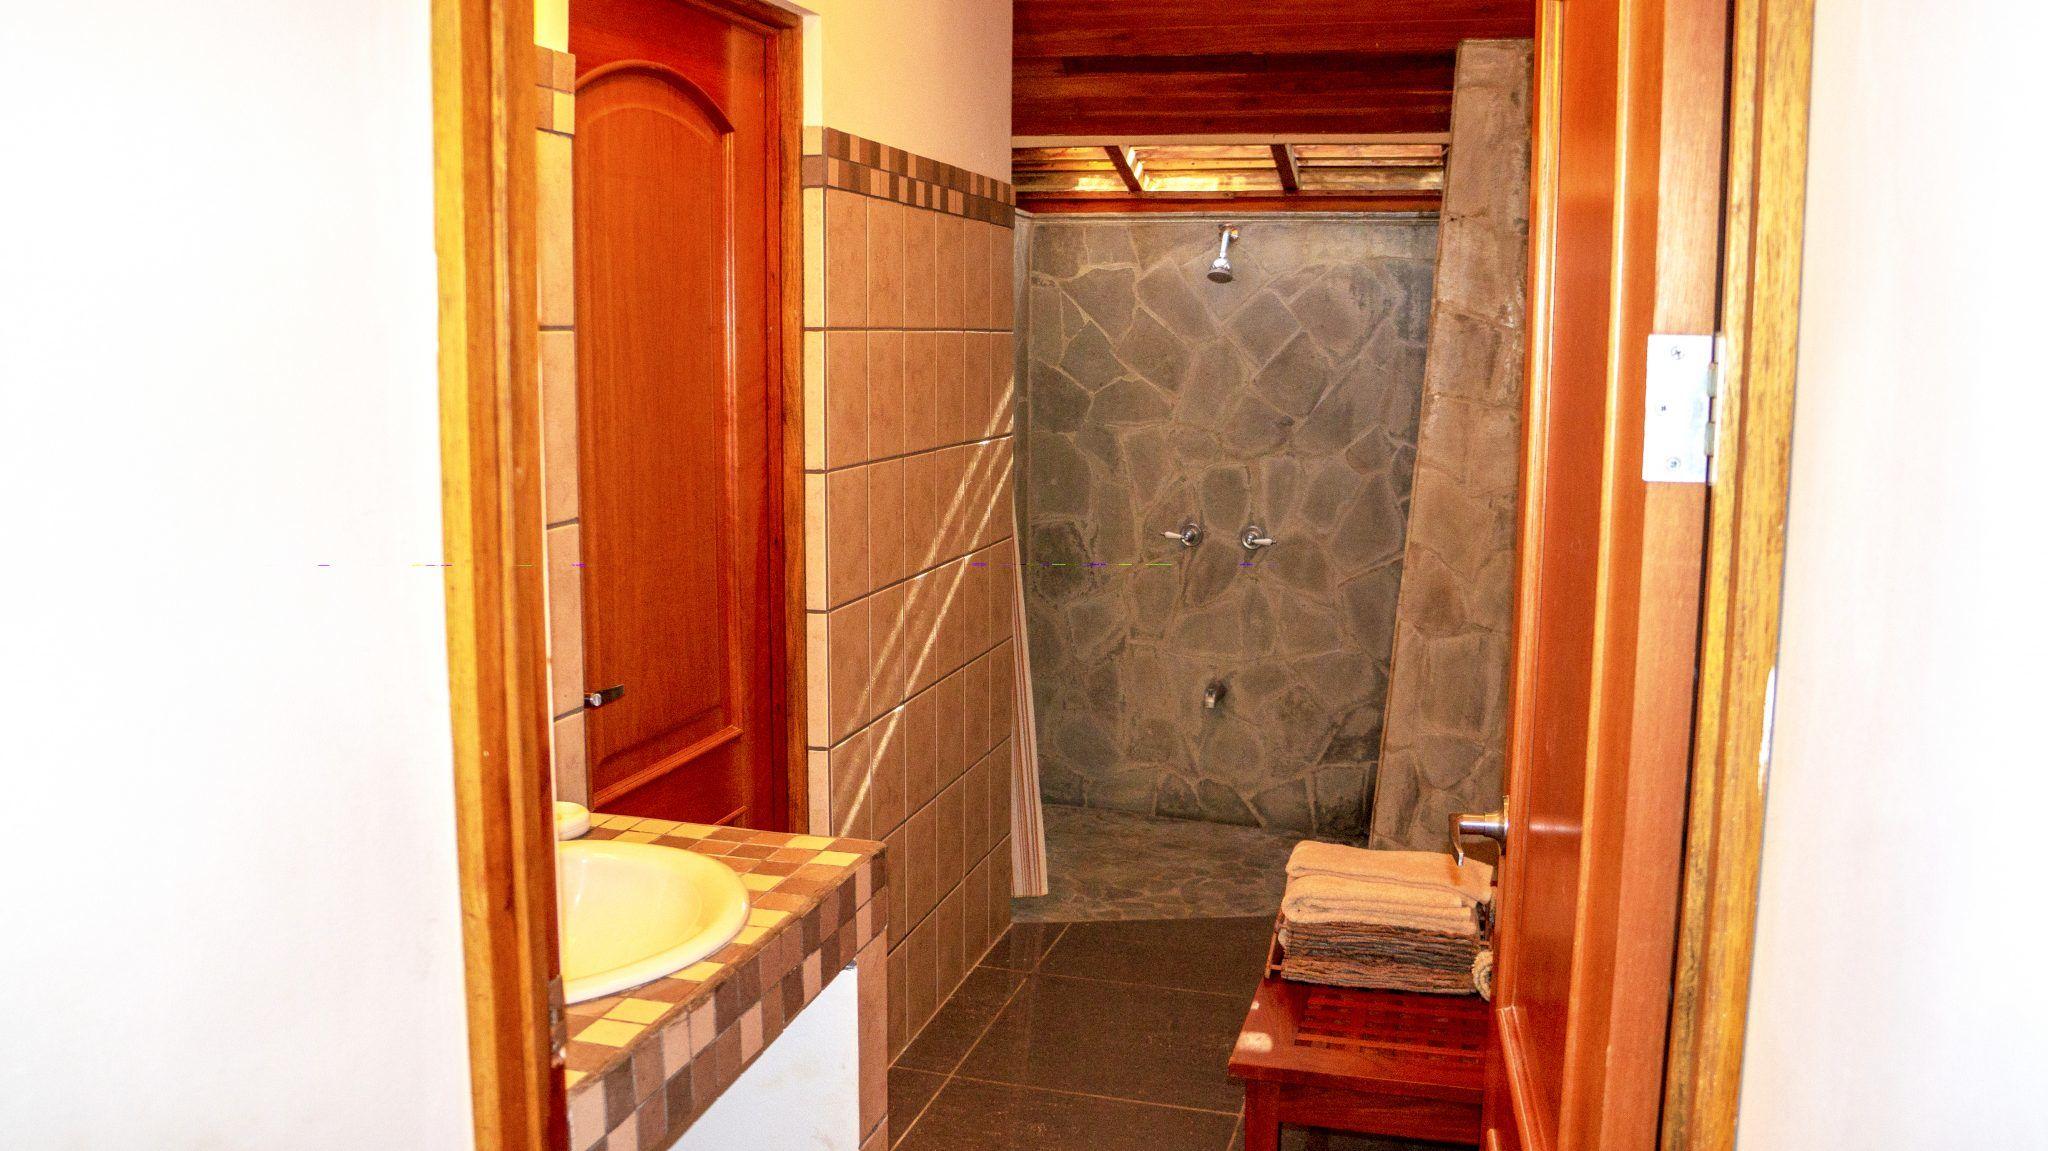 CW3 - Bathroom